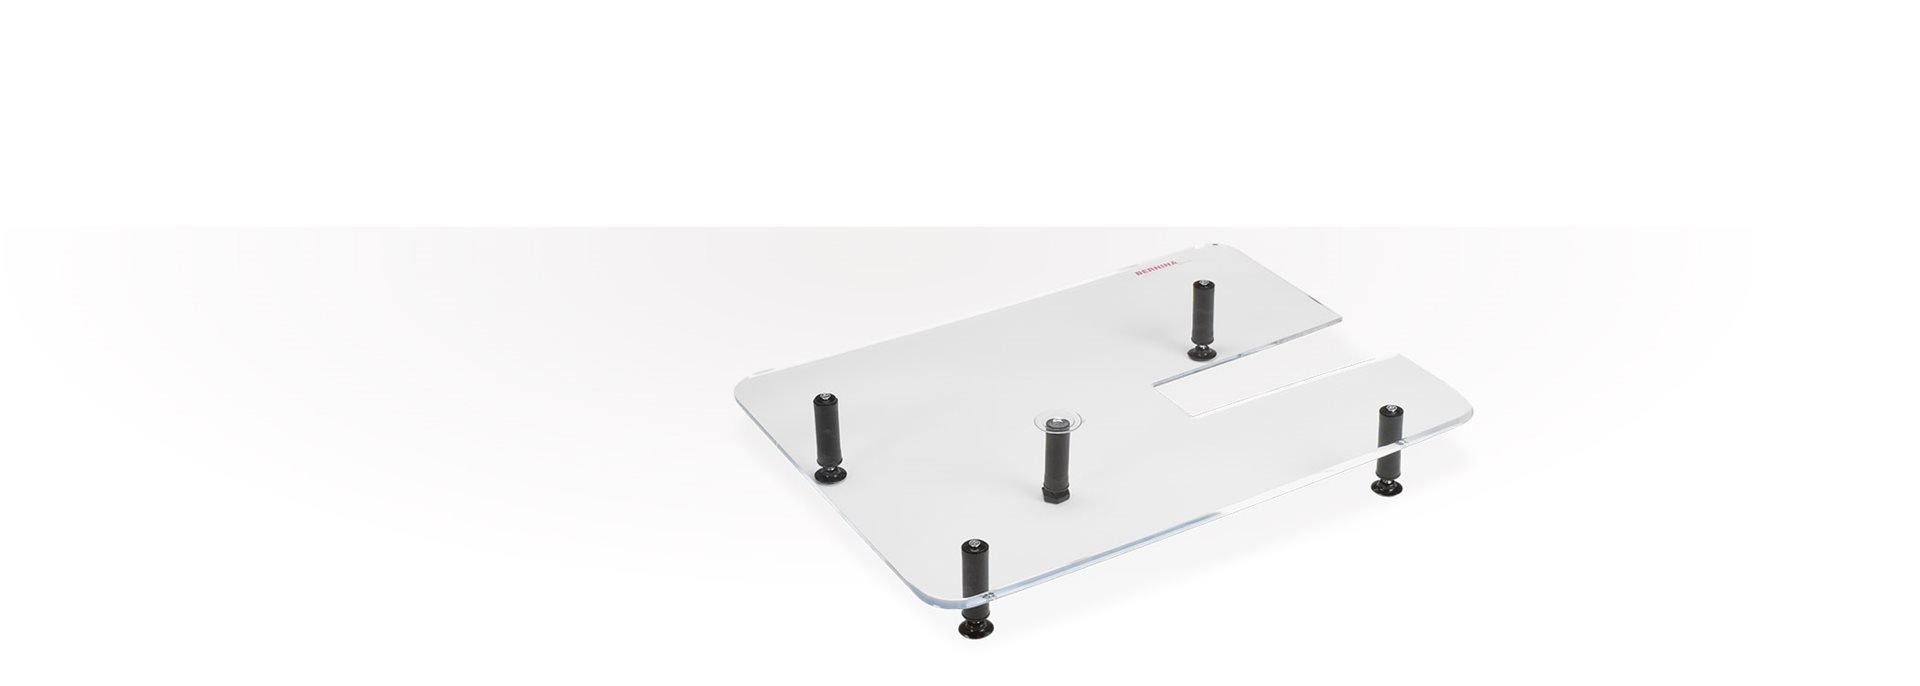 Basic Table Large